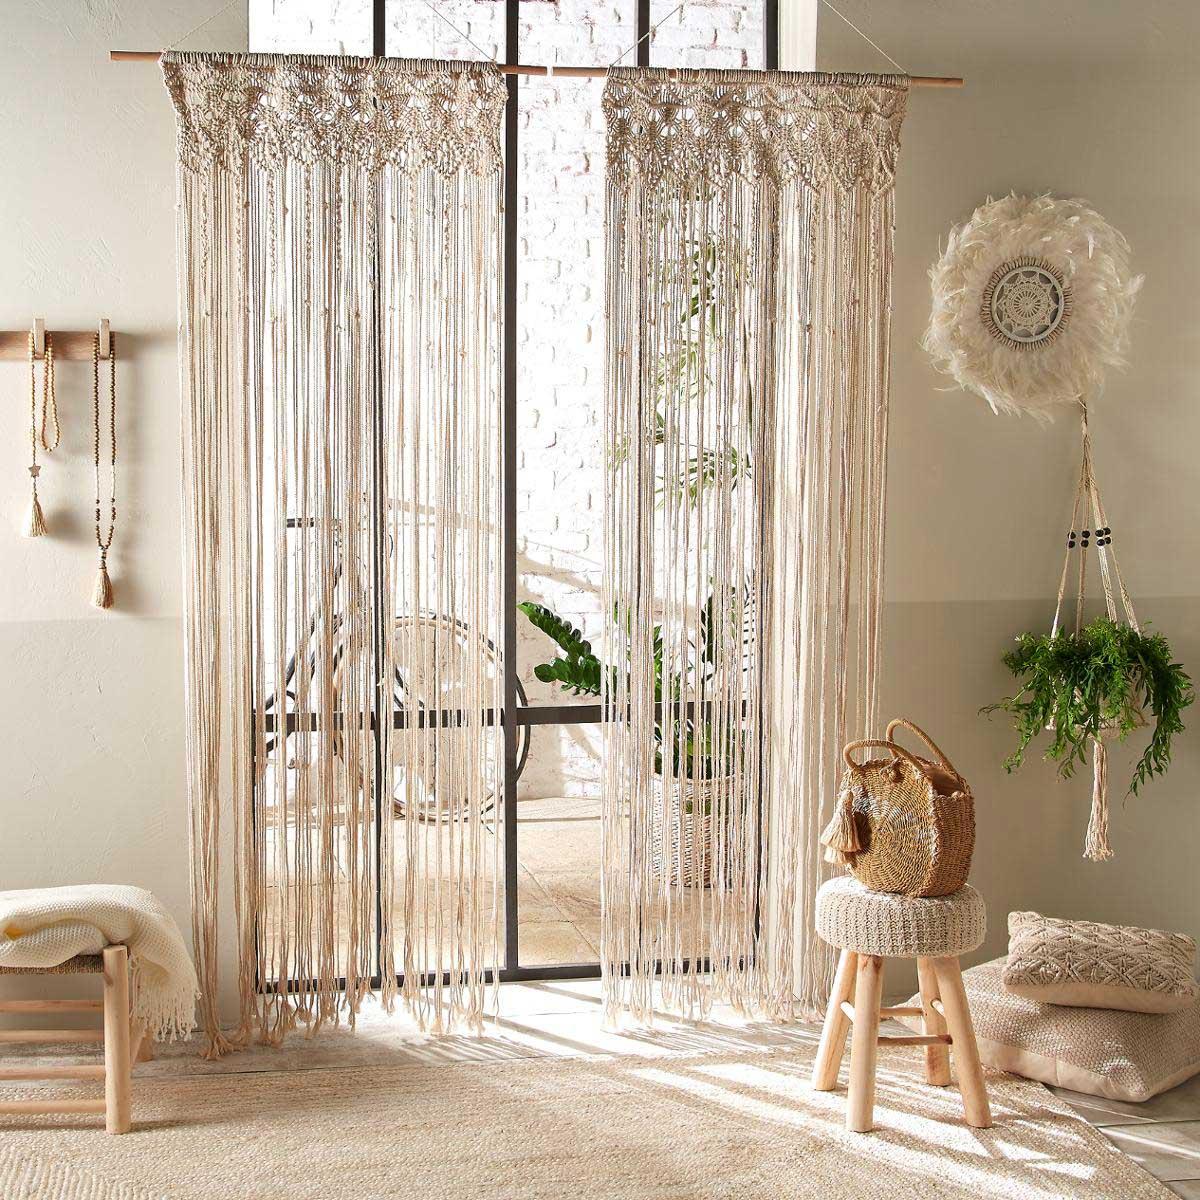 idées cadeaux pour Noël : rideau